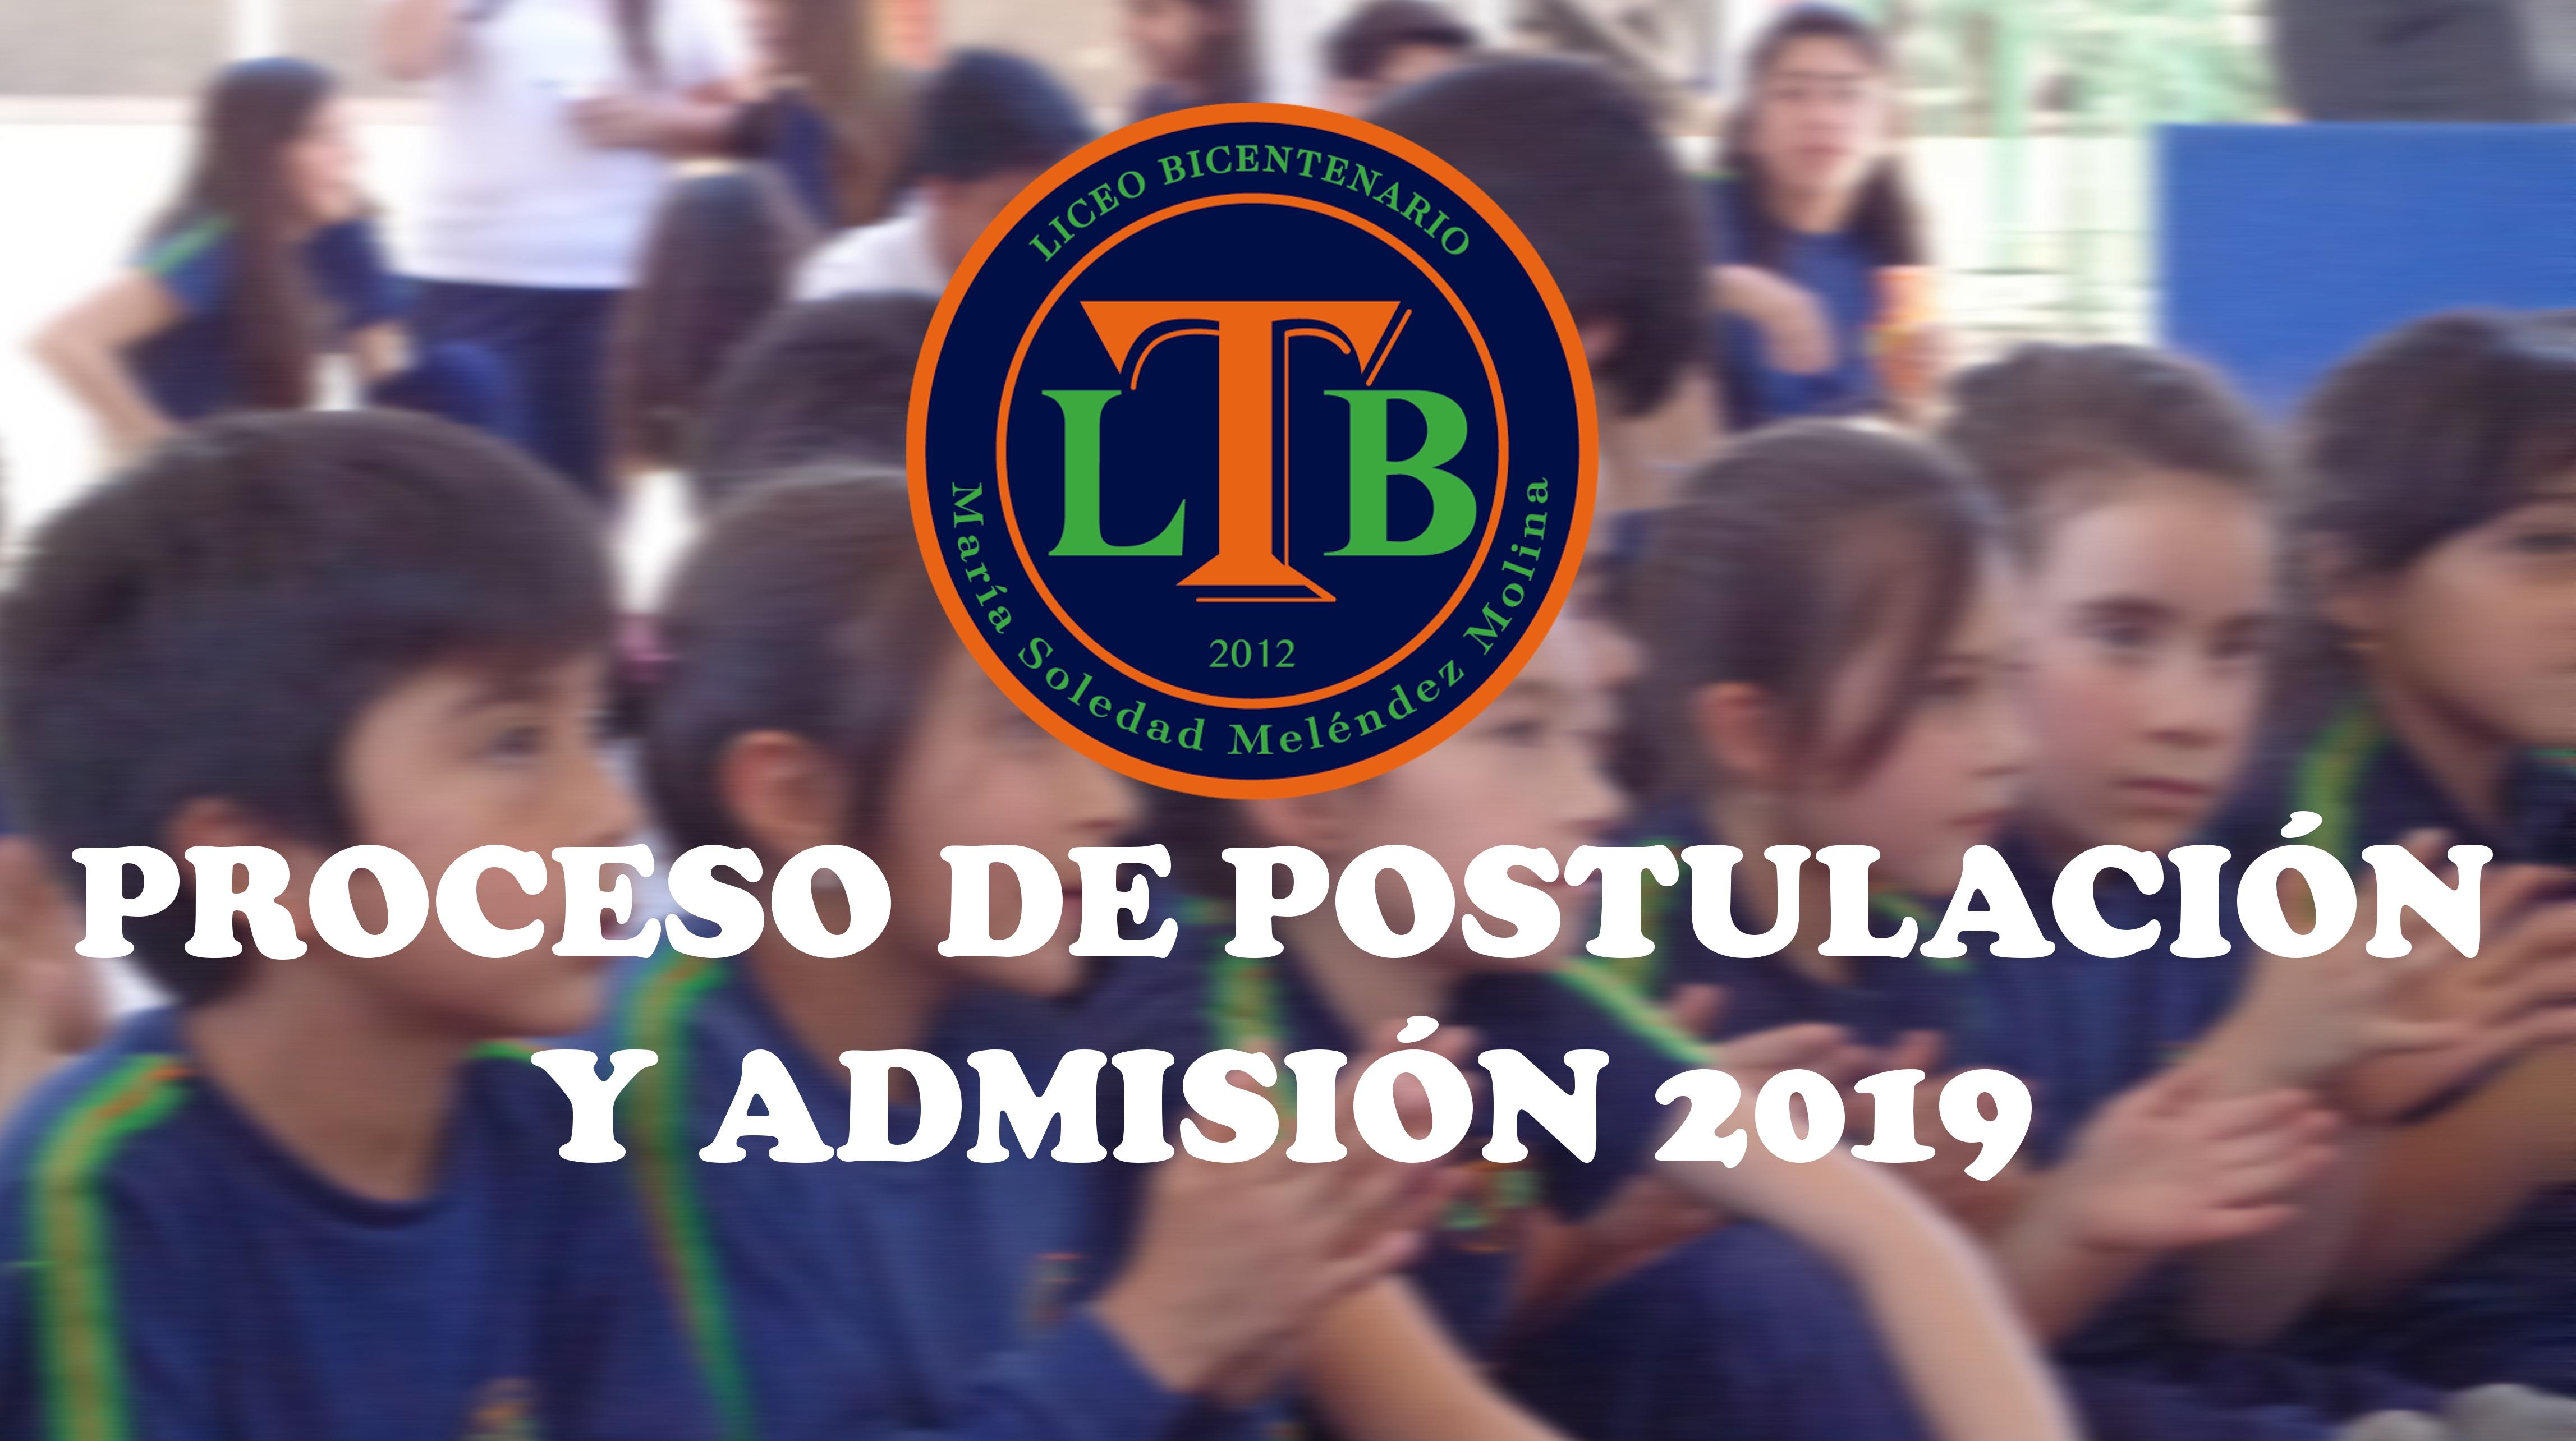 PROCESO DE POSTULACIÓN Y ADMISIÓN 2019